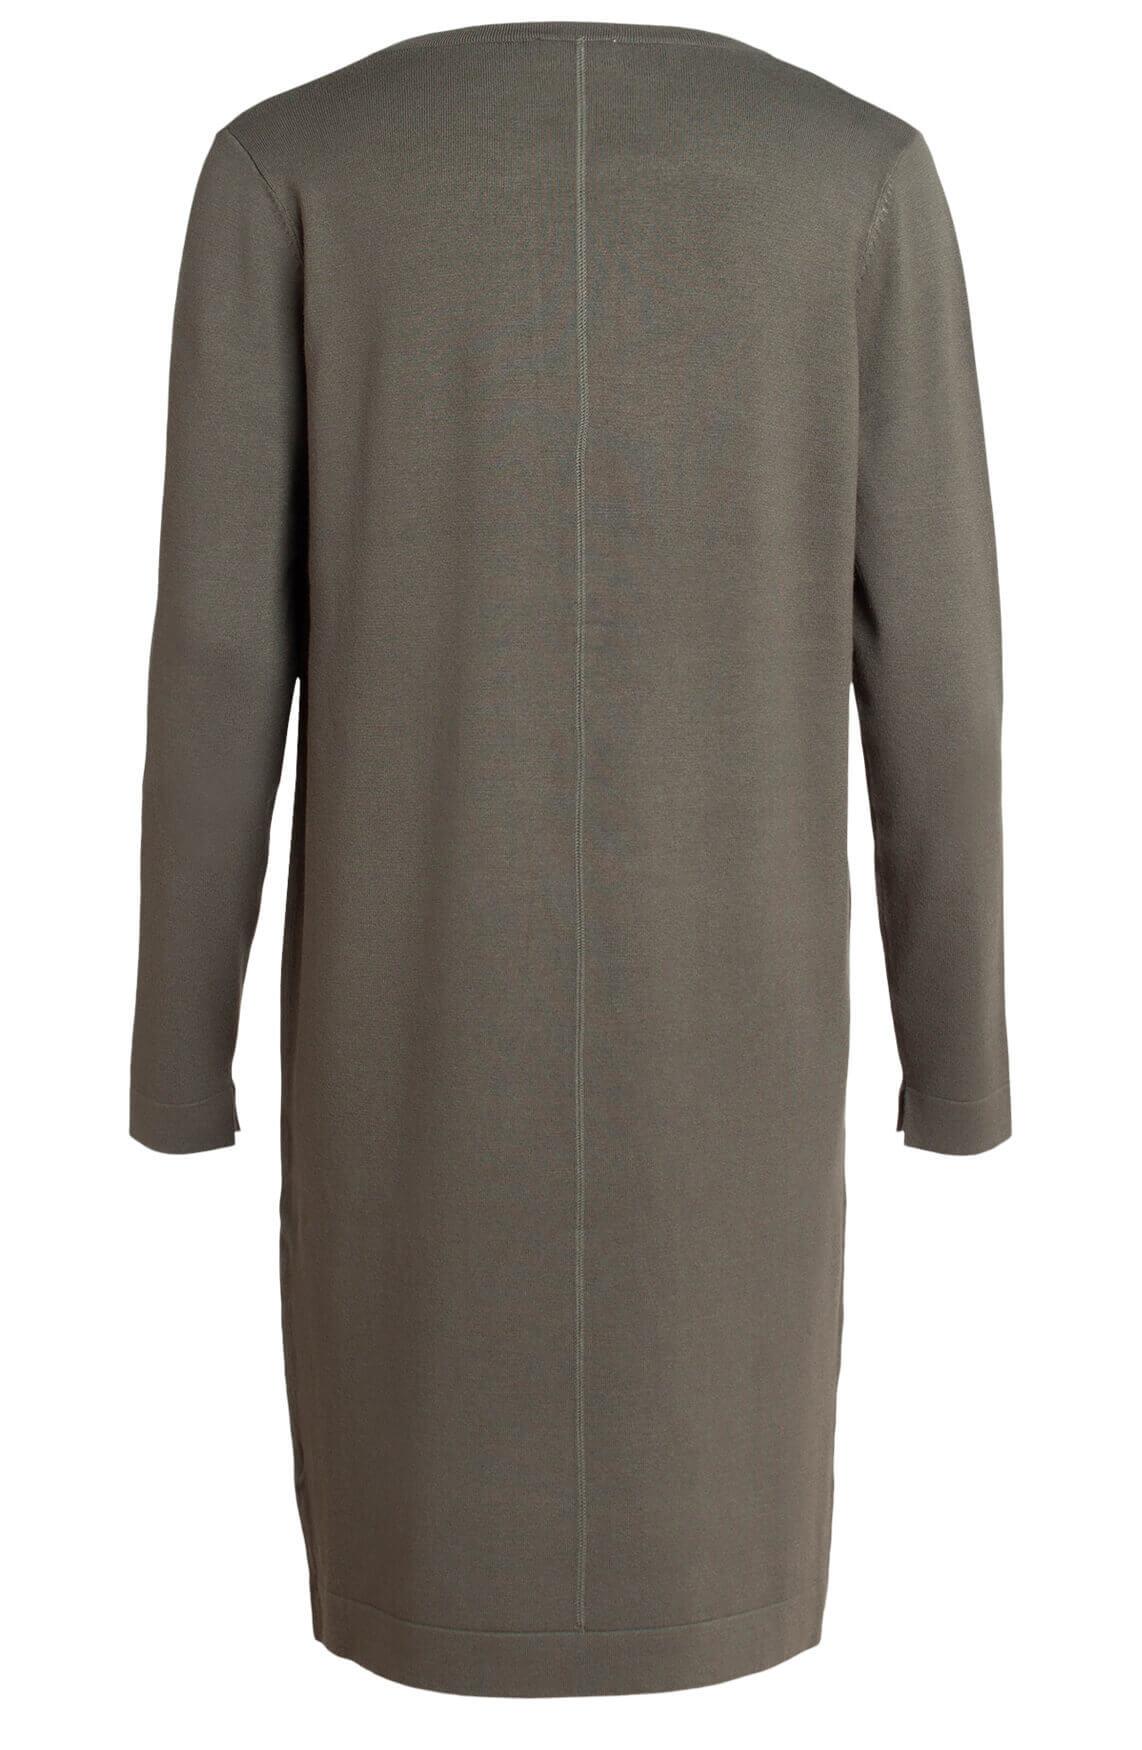 Anna Dames Fijngebreide jurk groen